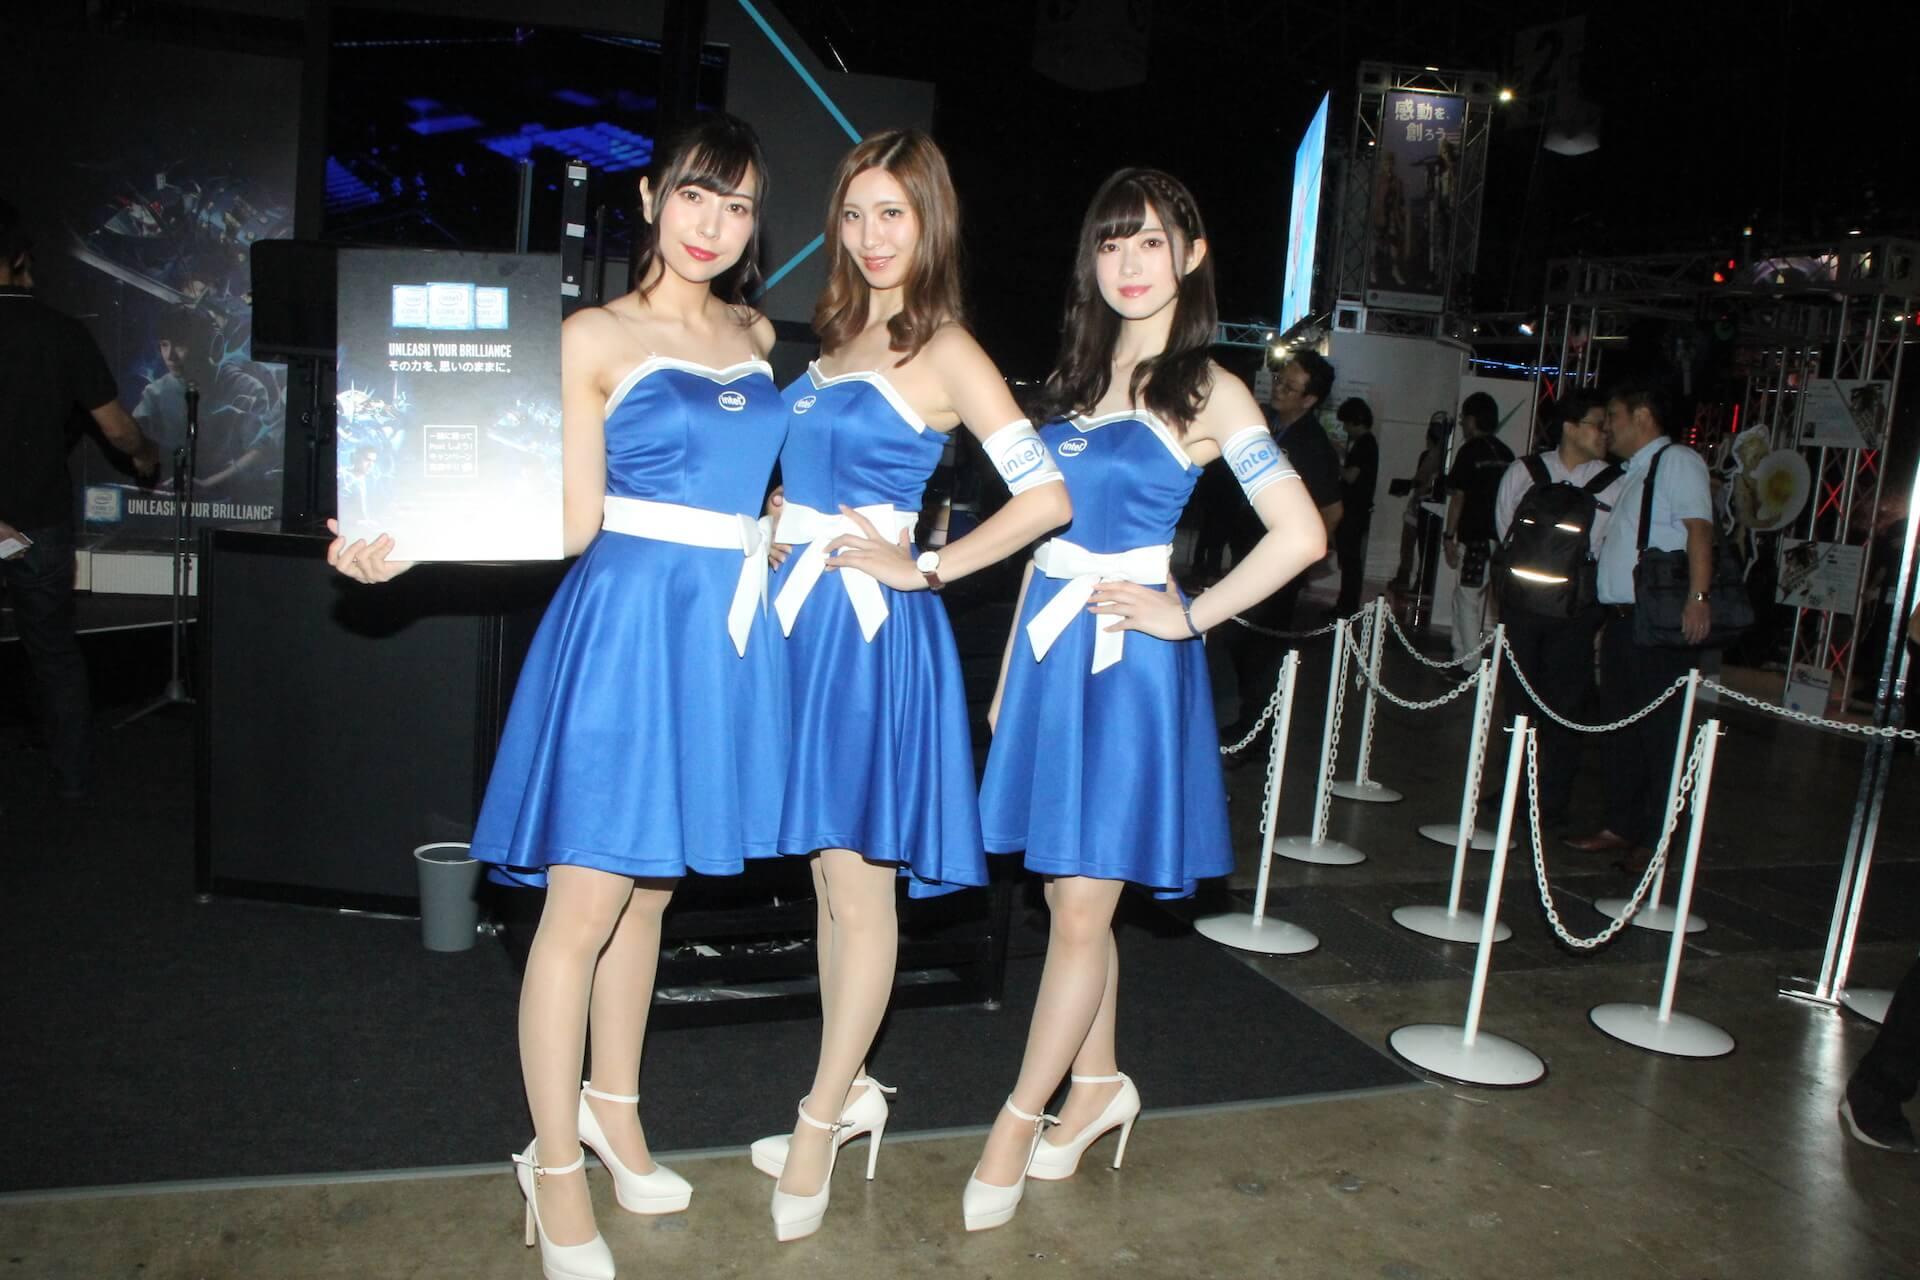 「東京ゲームショウ 2019」インテルが「Intel World Open」開催を発表「日本でeスポーツの裾野を広げるため」 tech190918_tokyogameshow2019_2